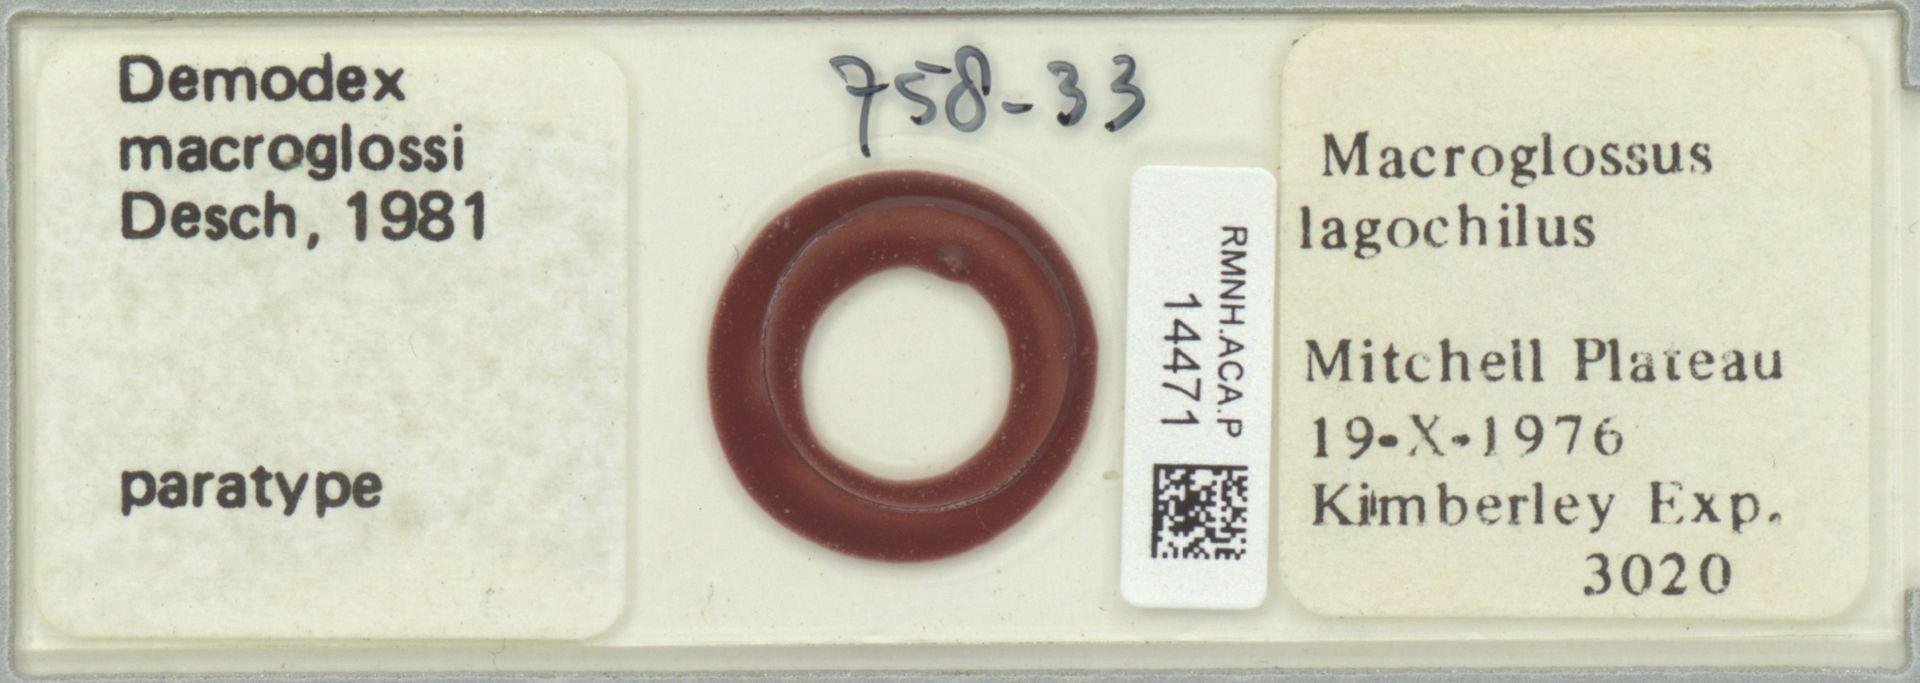 RMNH.ACA.P.14471 | Demodex macroglossi